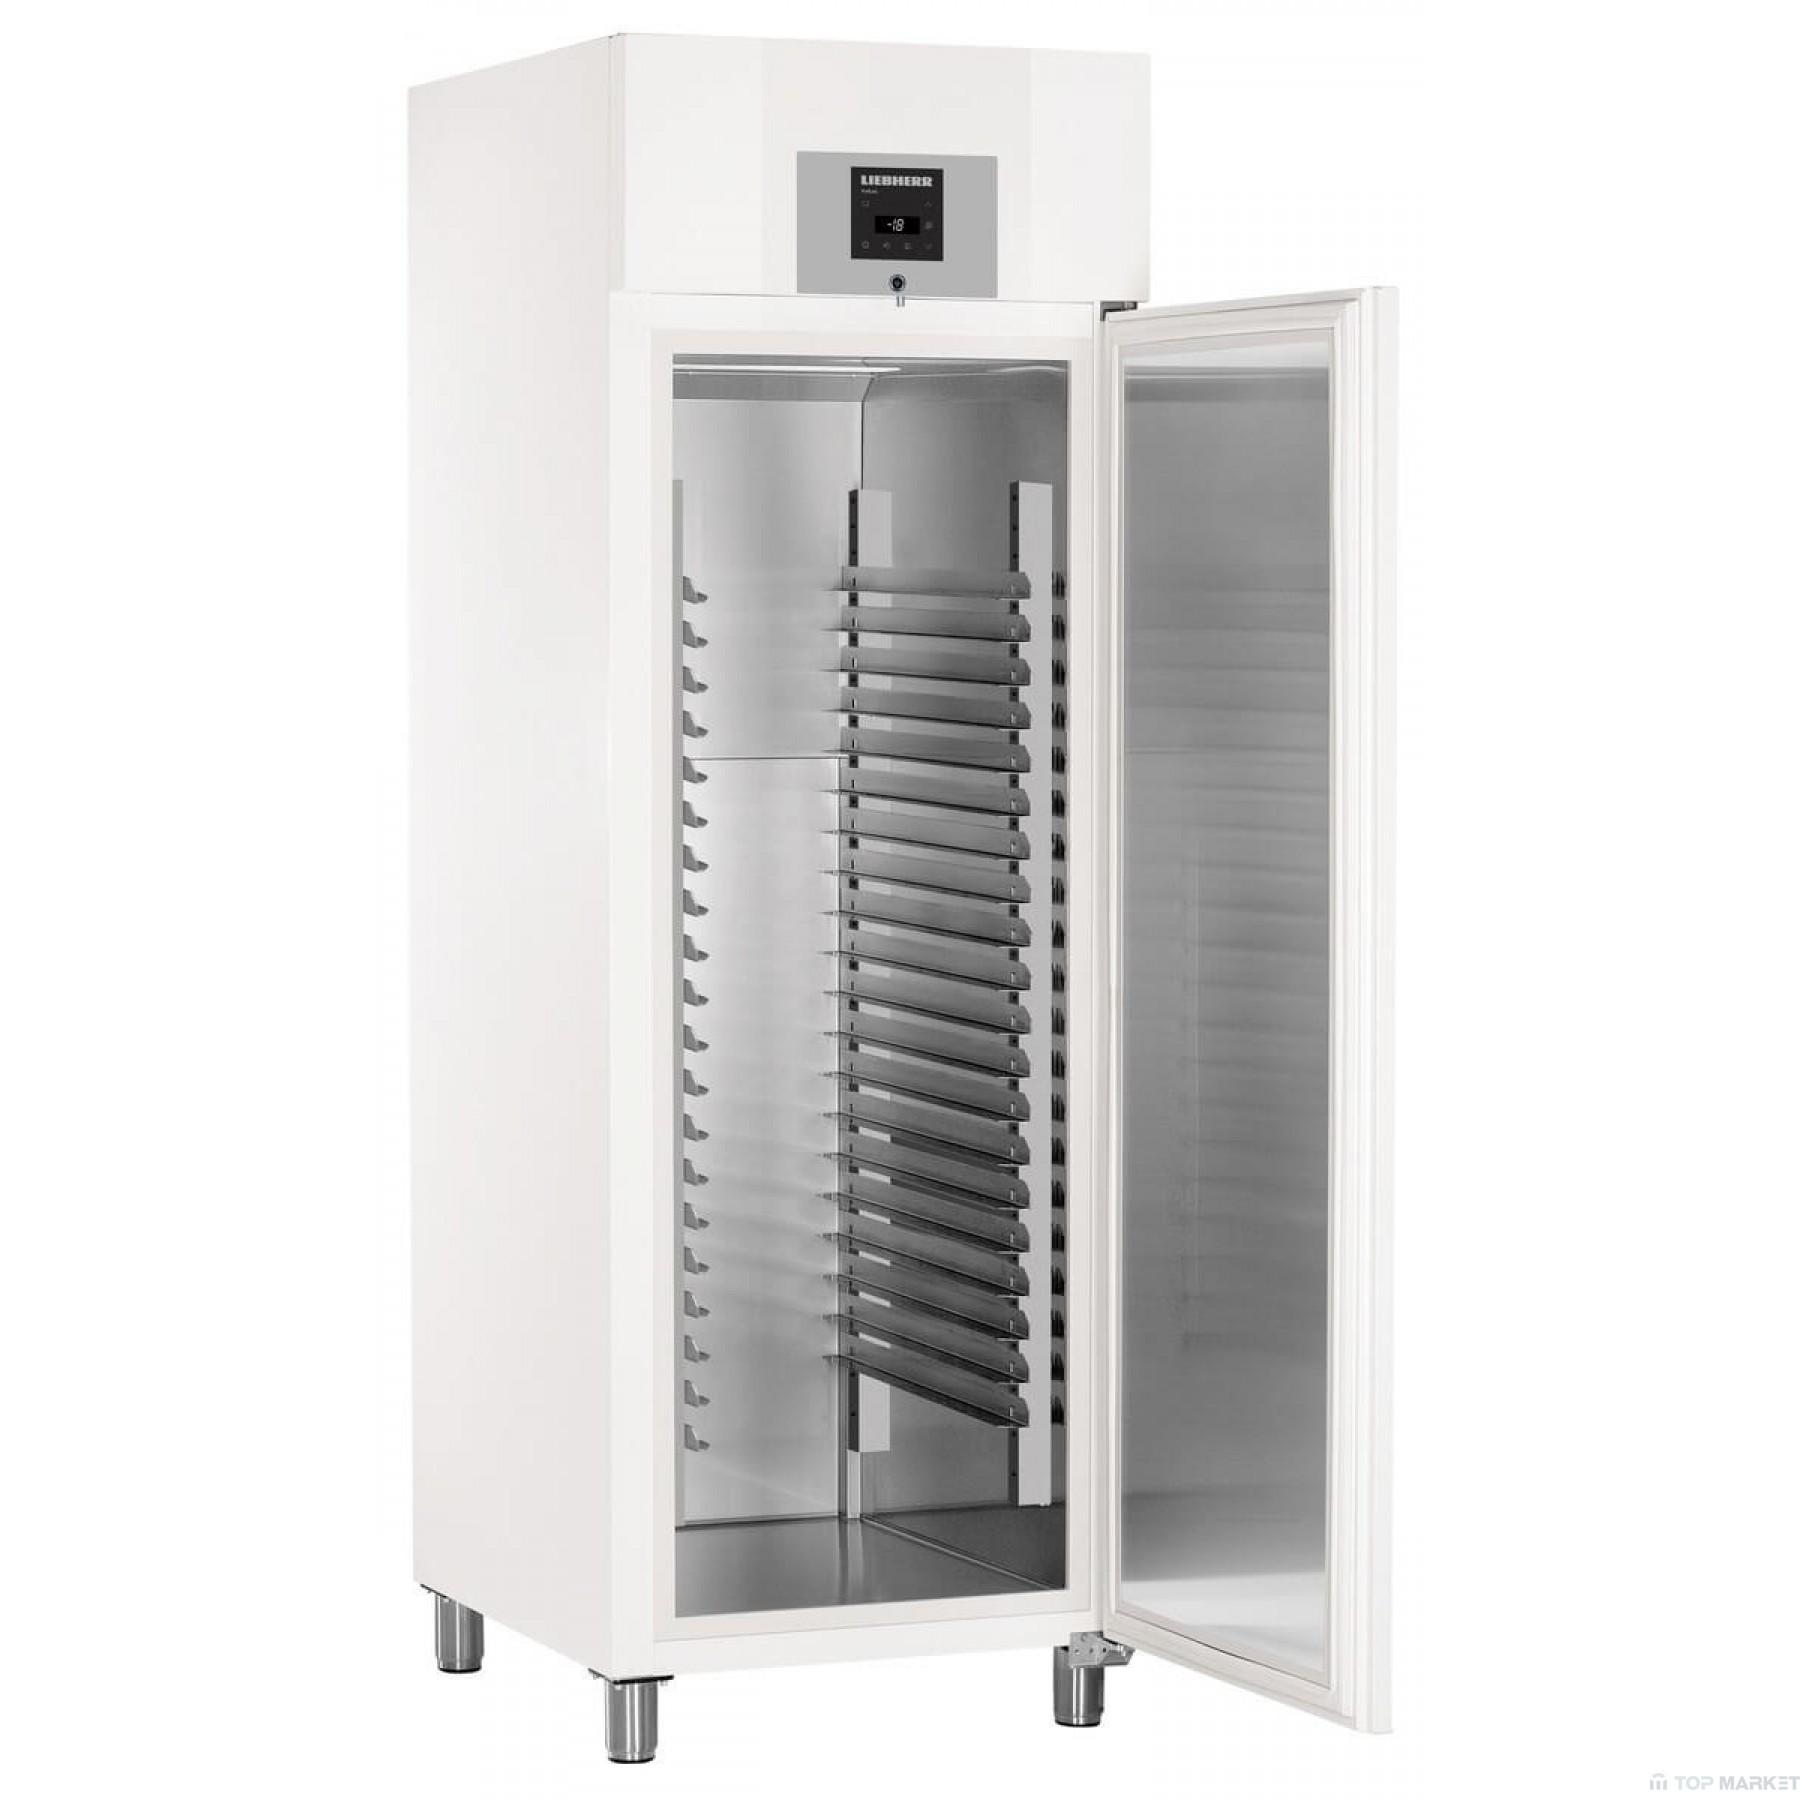 Фризер за хлебопекарни с динамично охлаждане LIEBHERR BGPv 6520